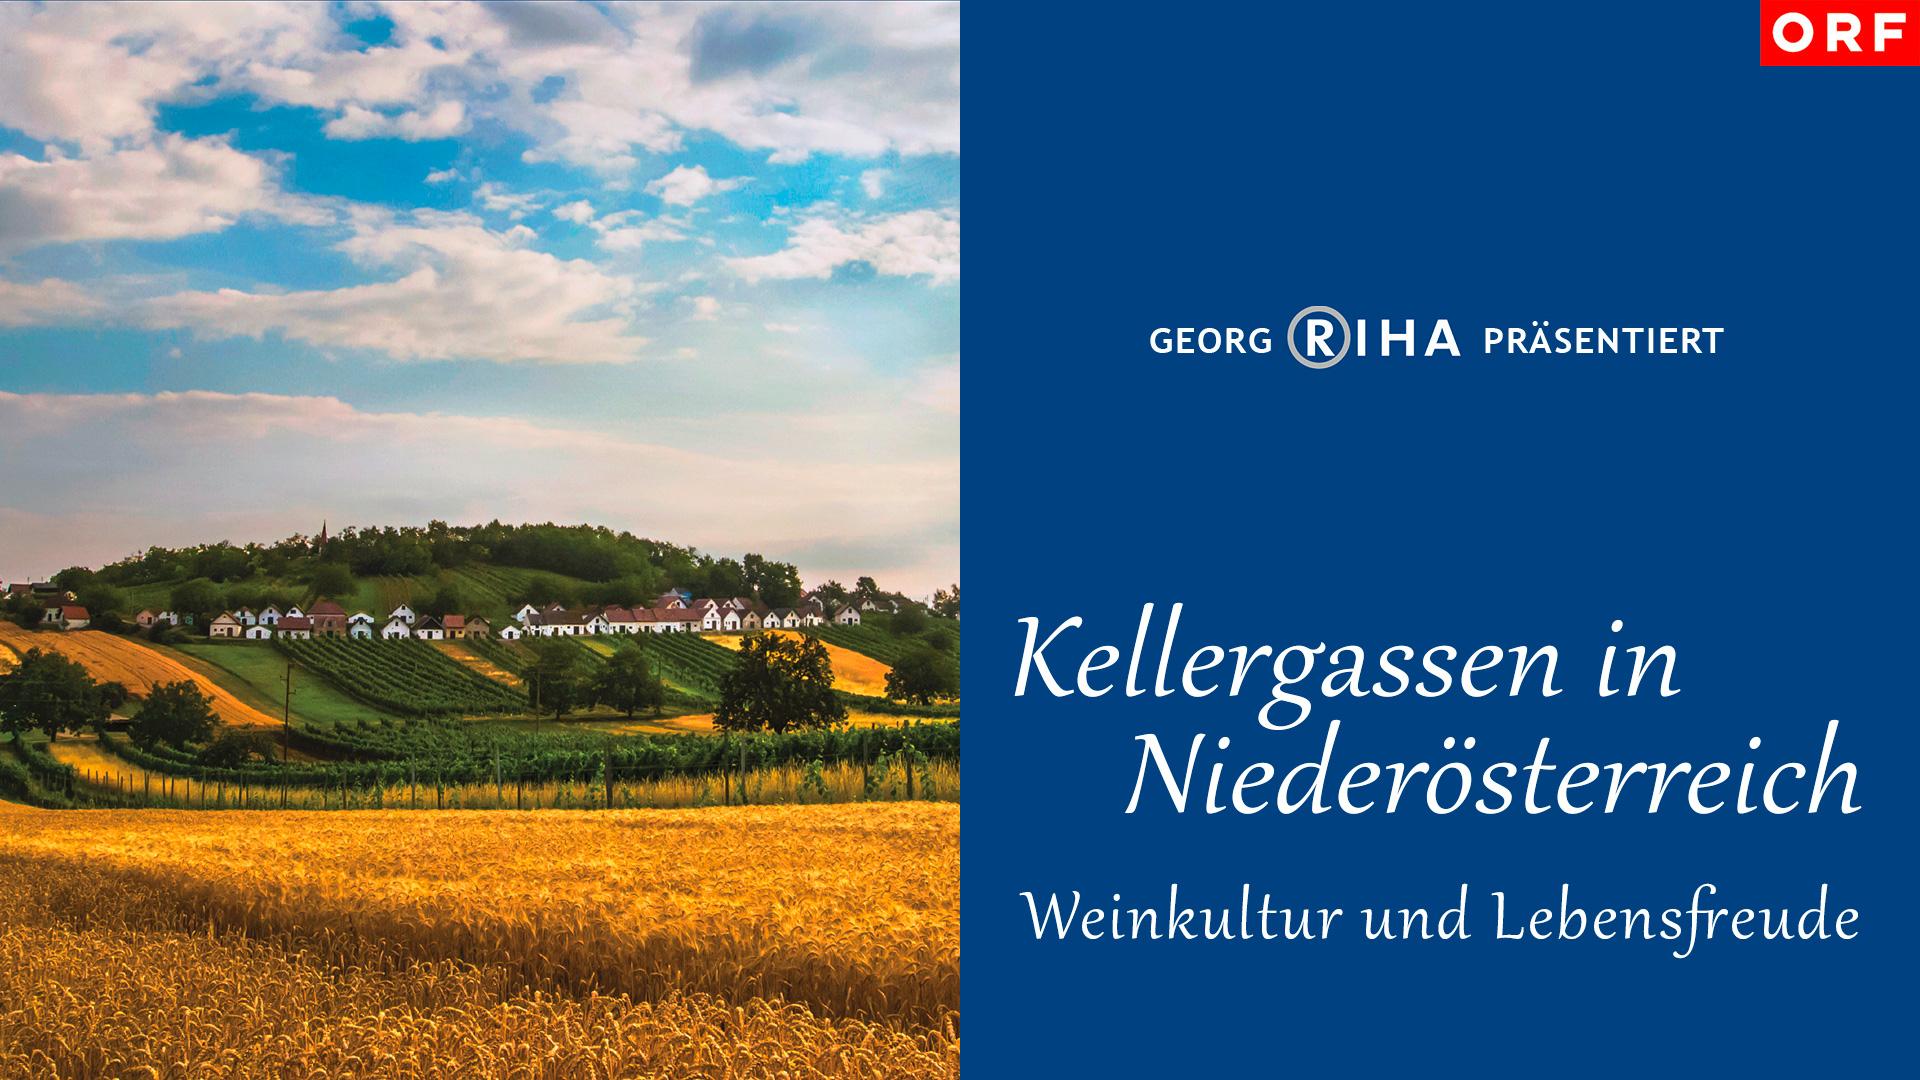 Kellergassen in Niederösterreich - Weinkultur und Lebensfreude